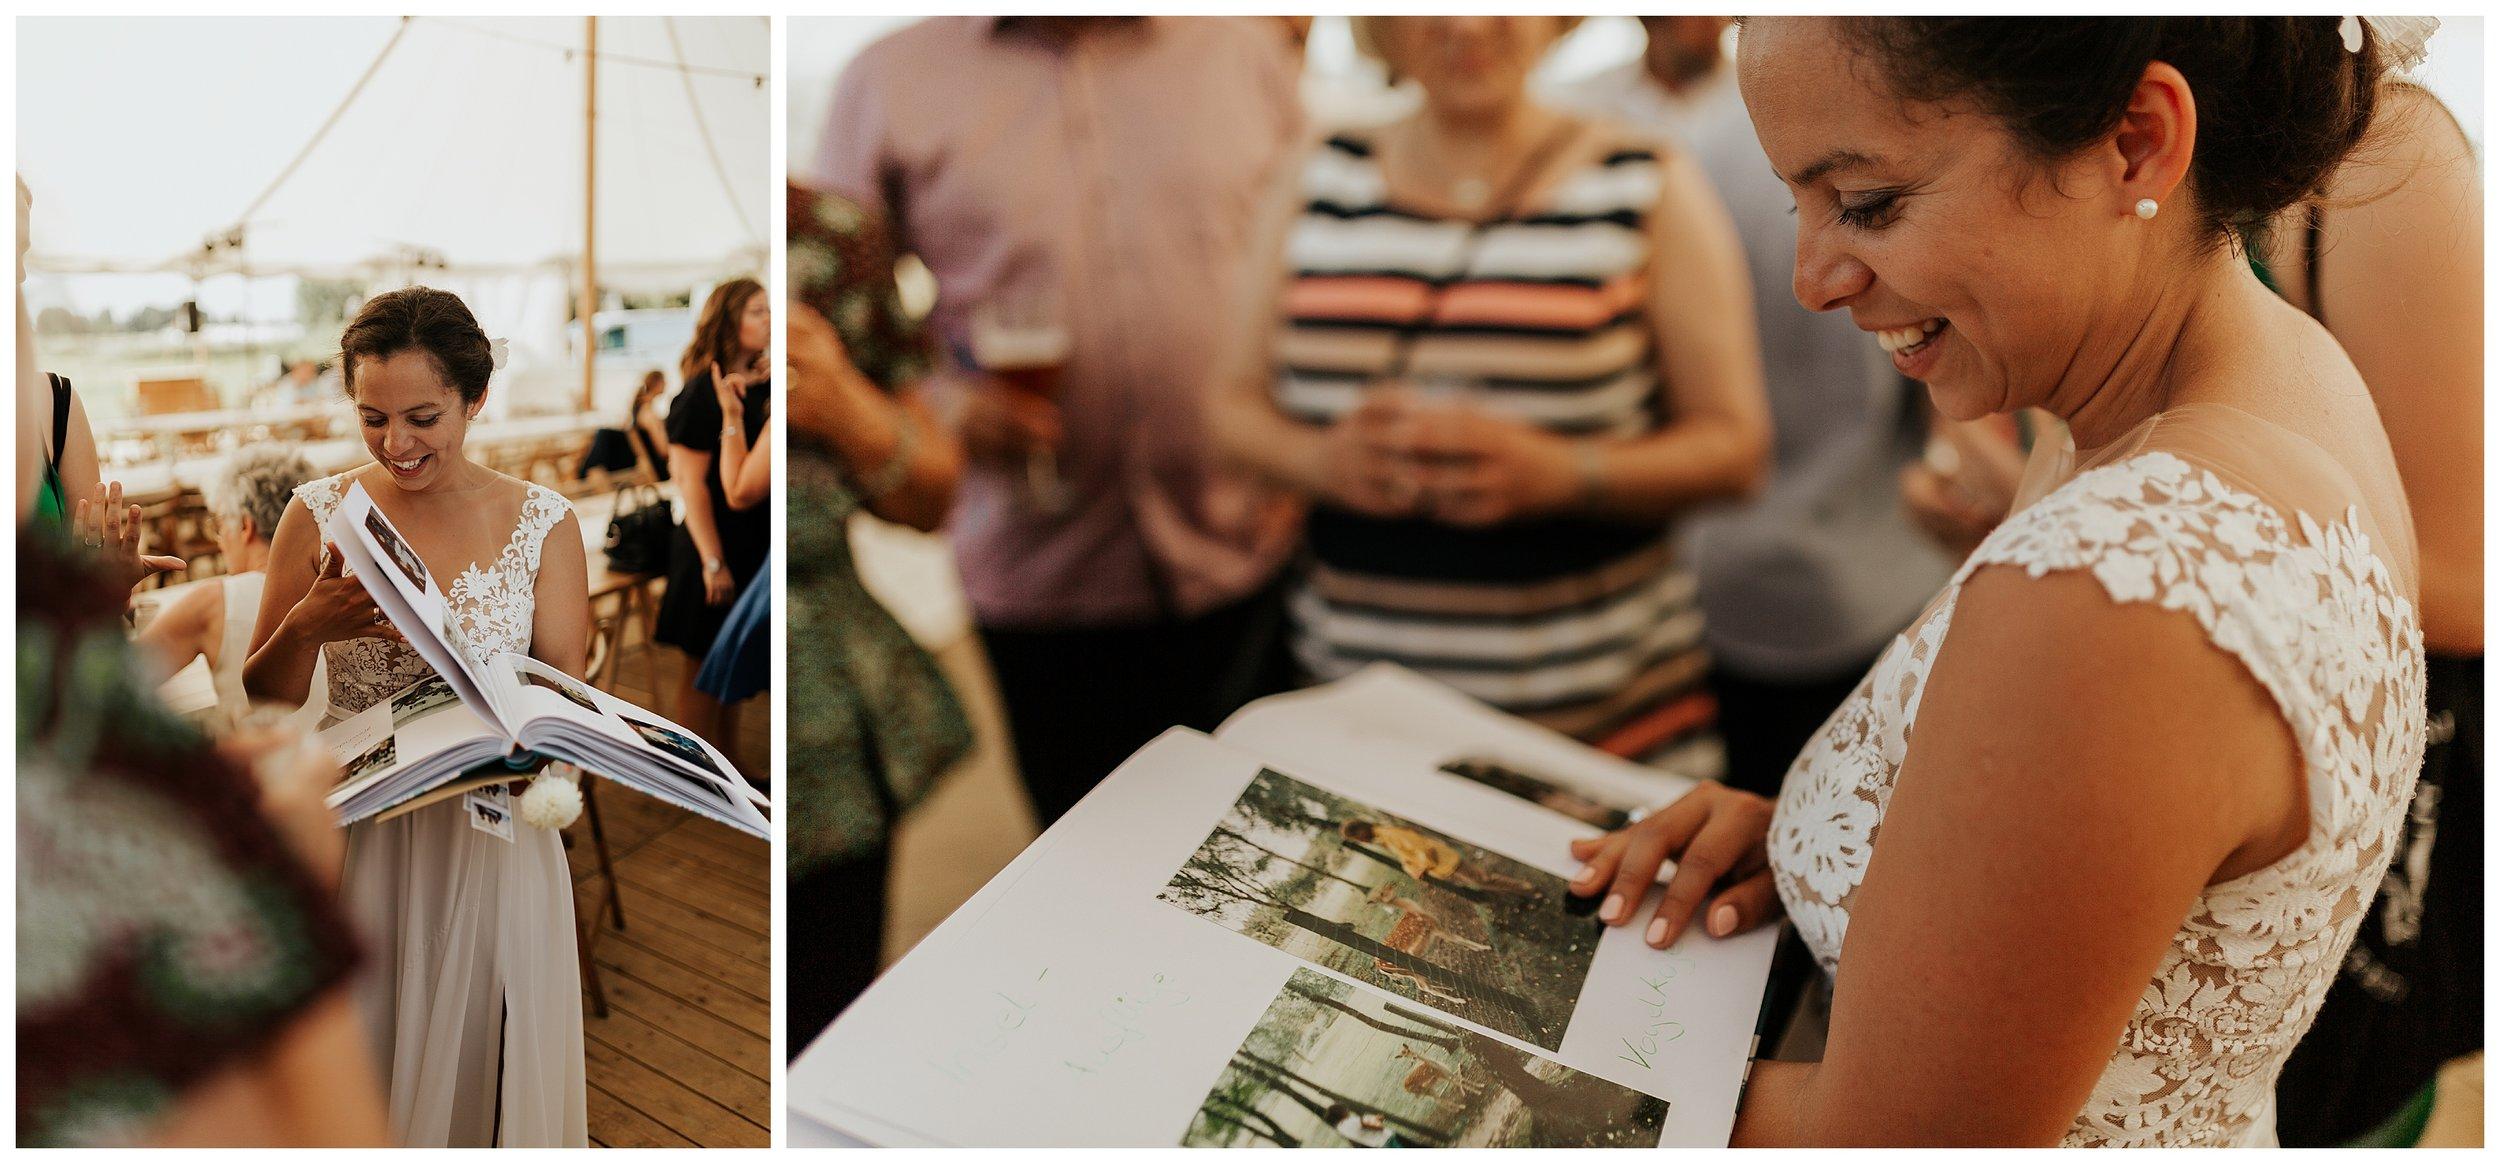 huwelijksfotograaf-huwelijksfotografie-knokke-heist-lisa-helsen-photography-trouwfotograaf-trouwfoto-sabine-pieter_0020.jpg